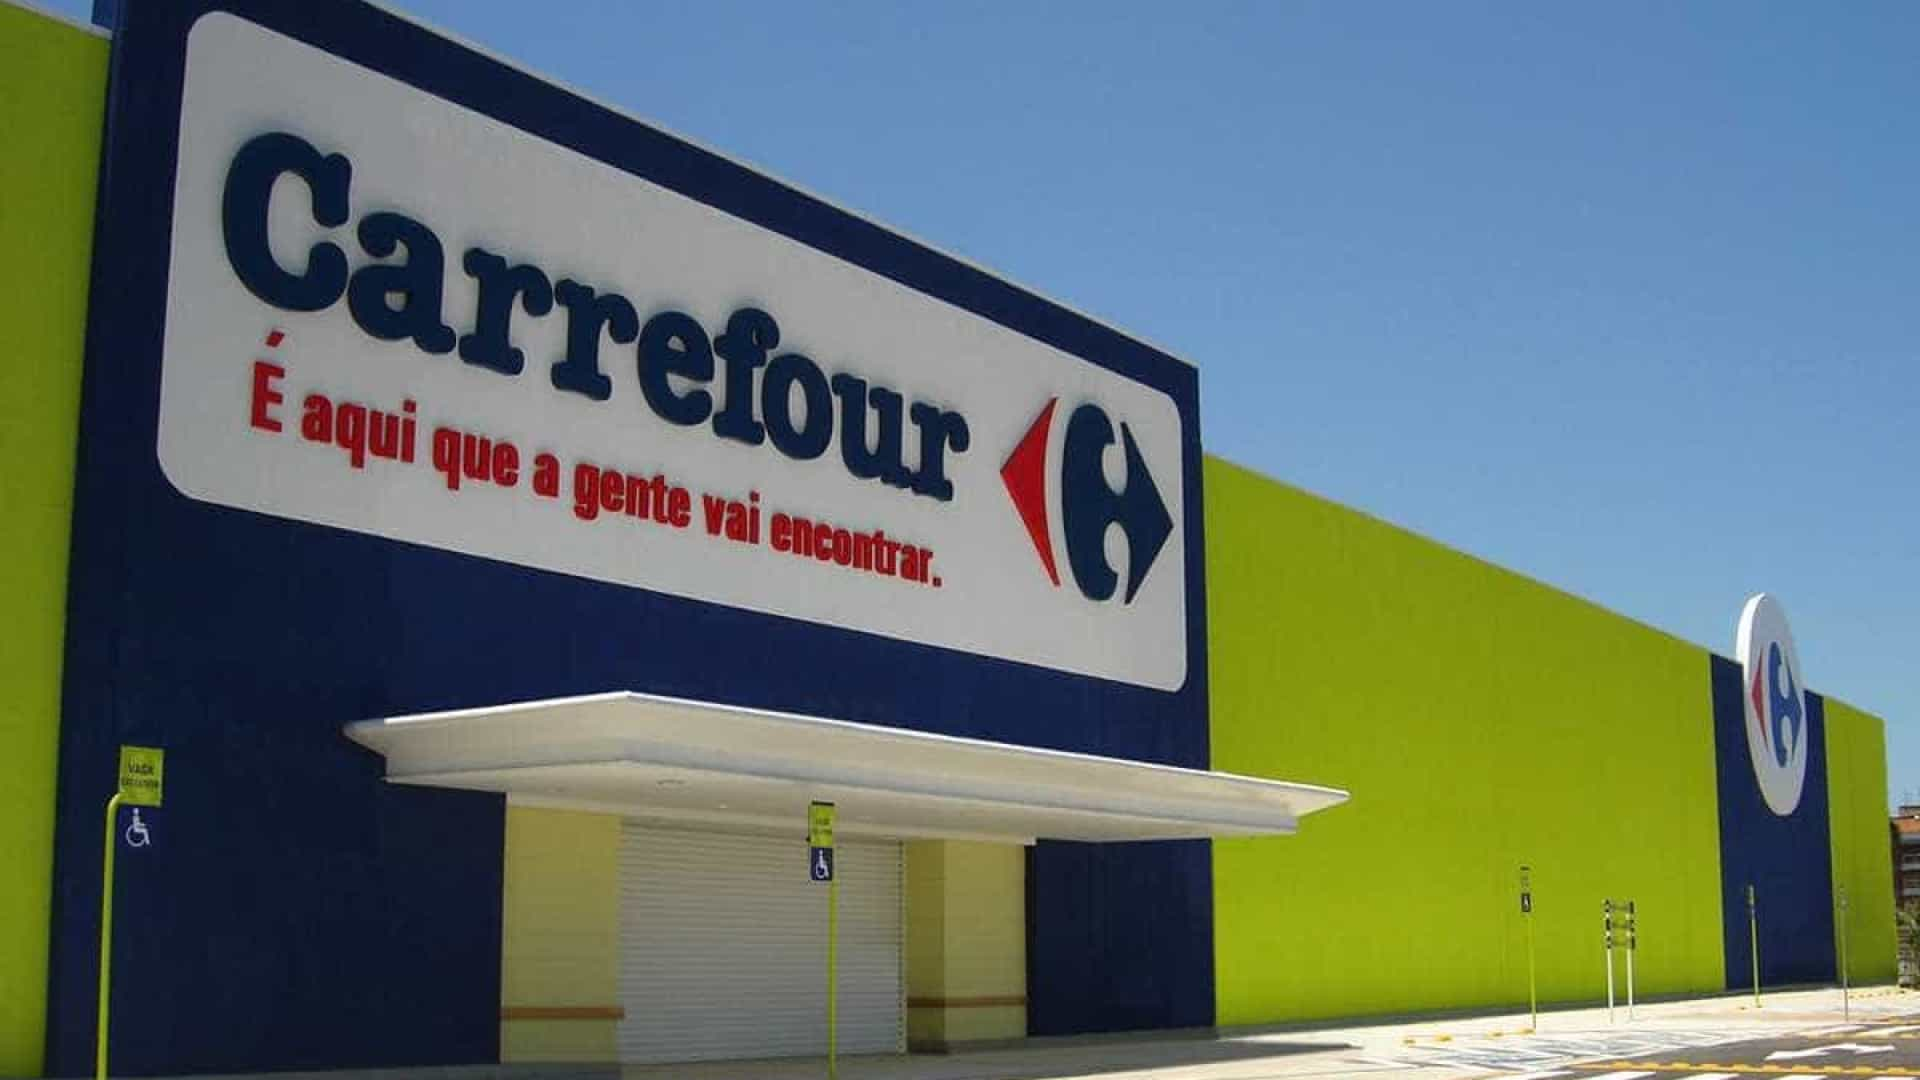 Centro de Distribuição do Carrefour no Rio é roubado por quadrilha